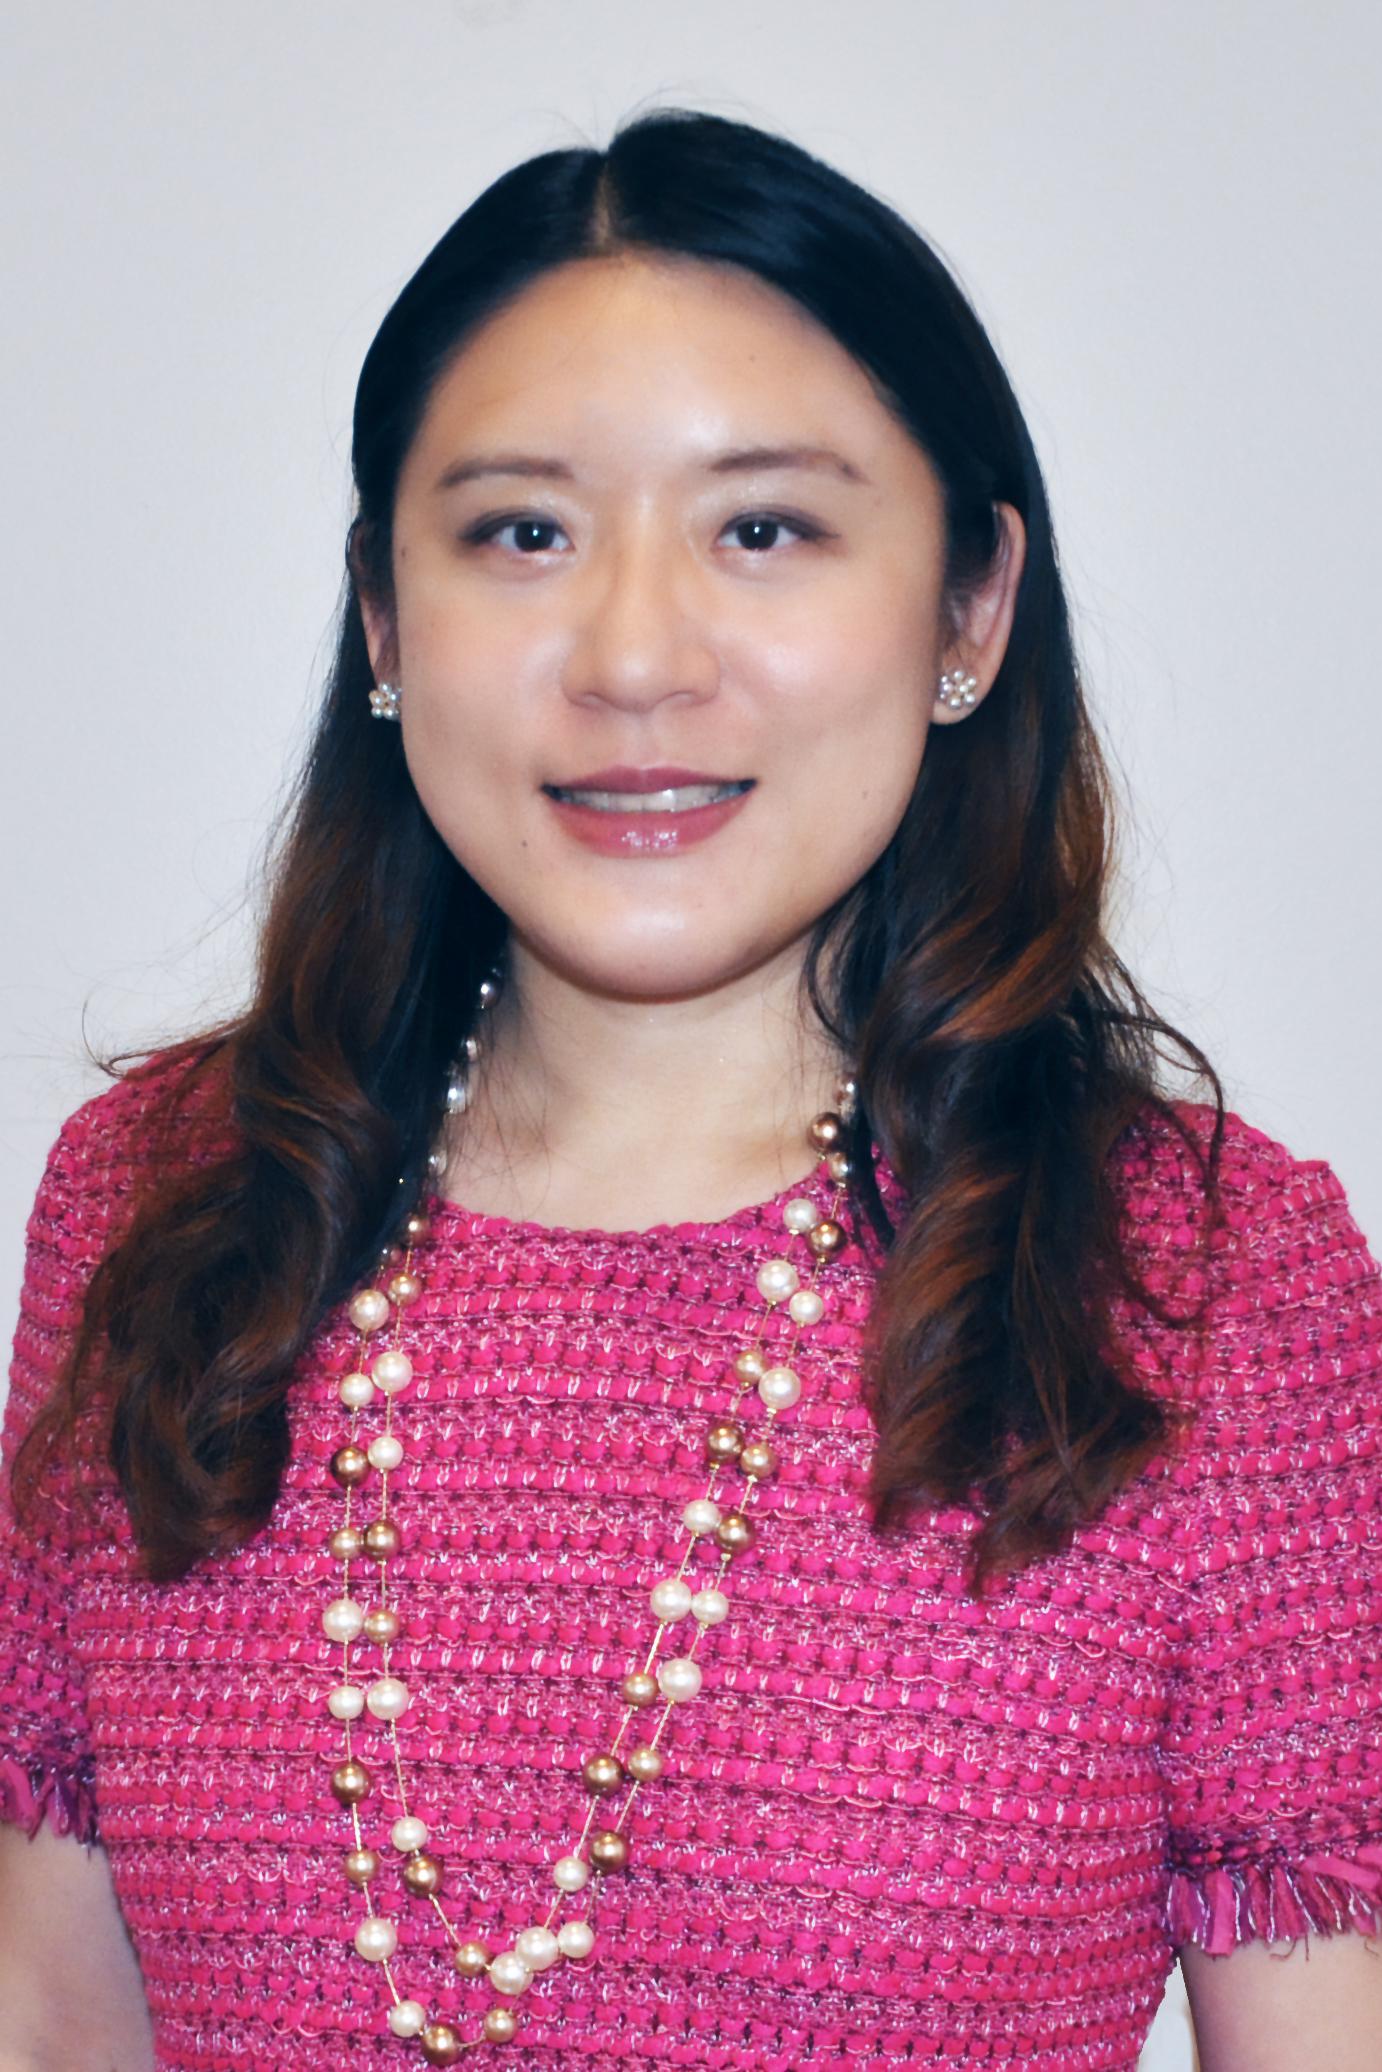 Cheng-en Lee